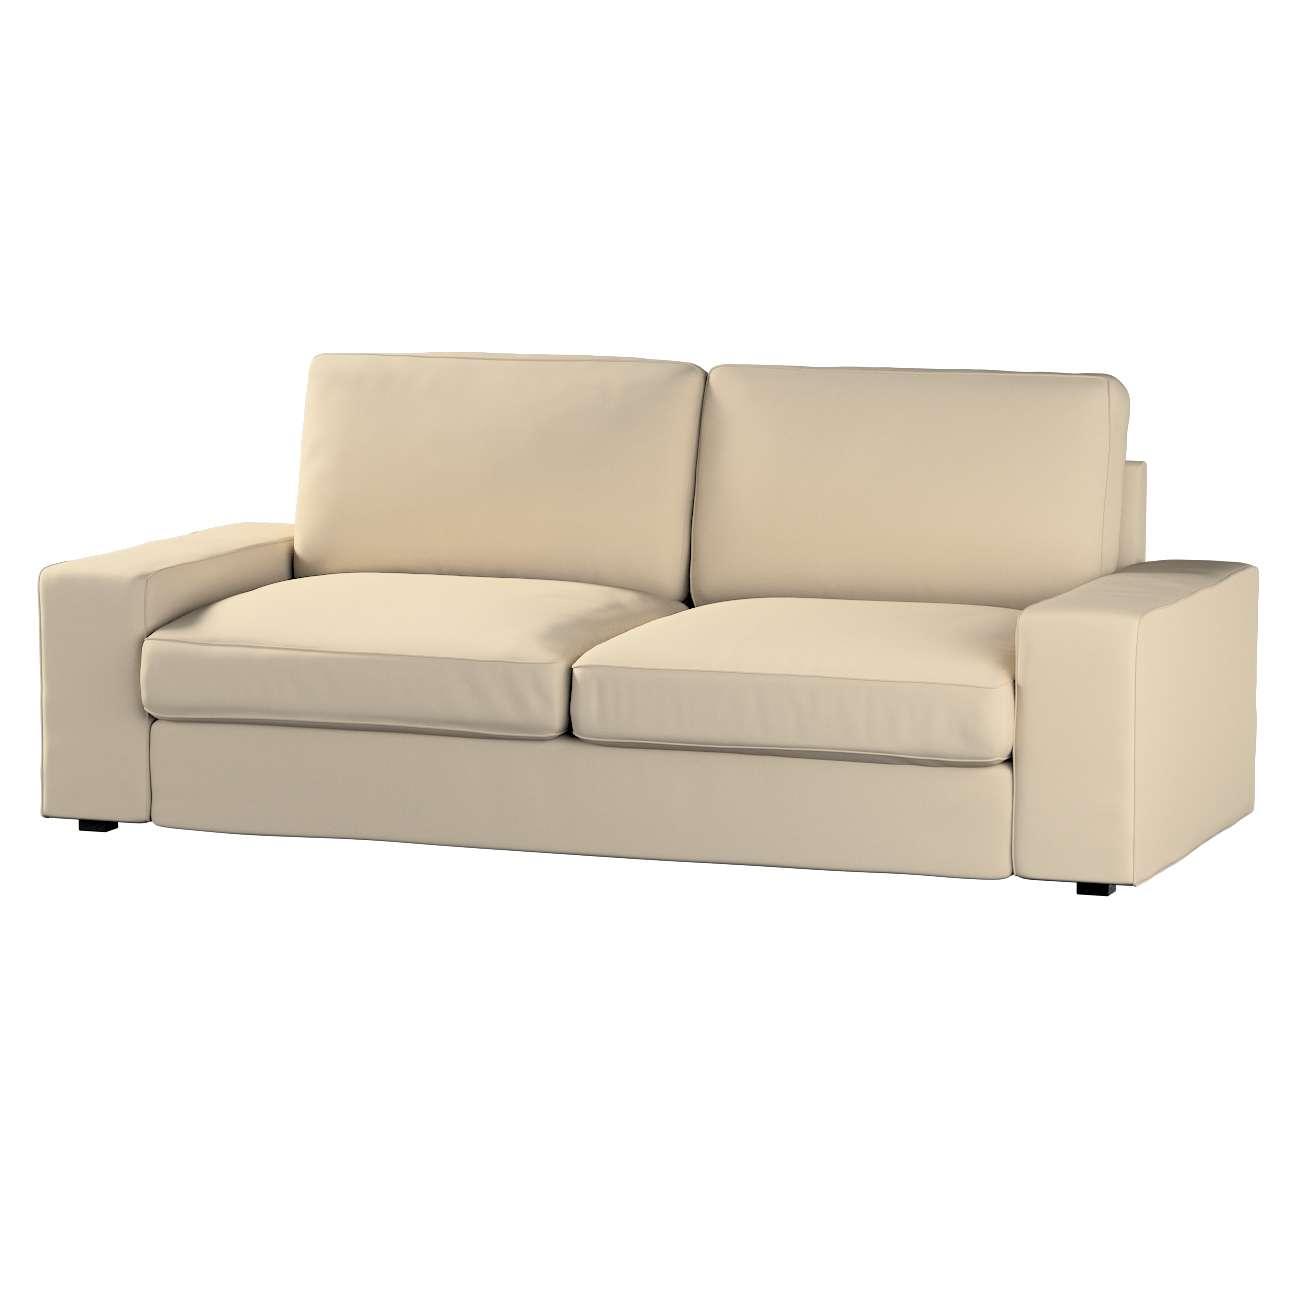 Pokrowiec na sofę Kivik 3-osobową, nierozkładaną Sofa Kivik 3-osobowa nierozkładana w kolekcji Cotton Panama, tkanina: 702-01